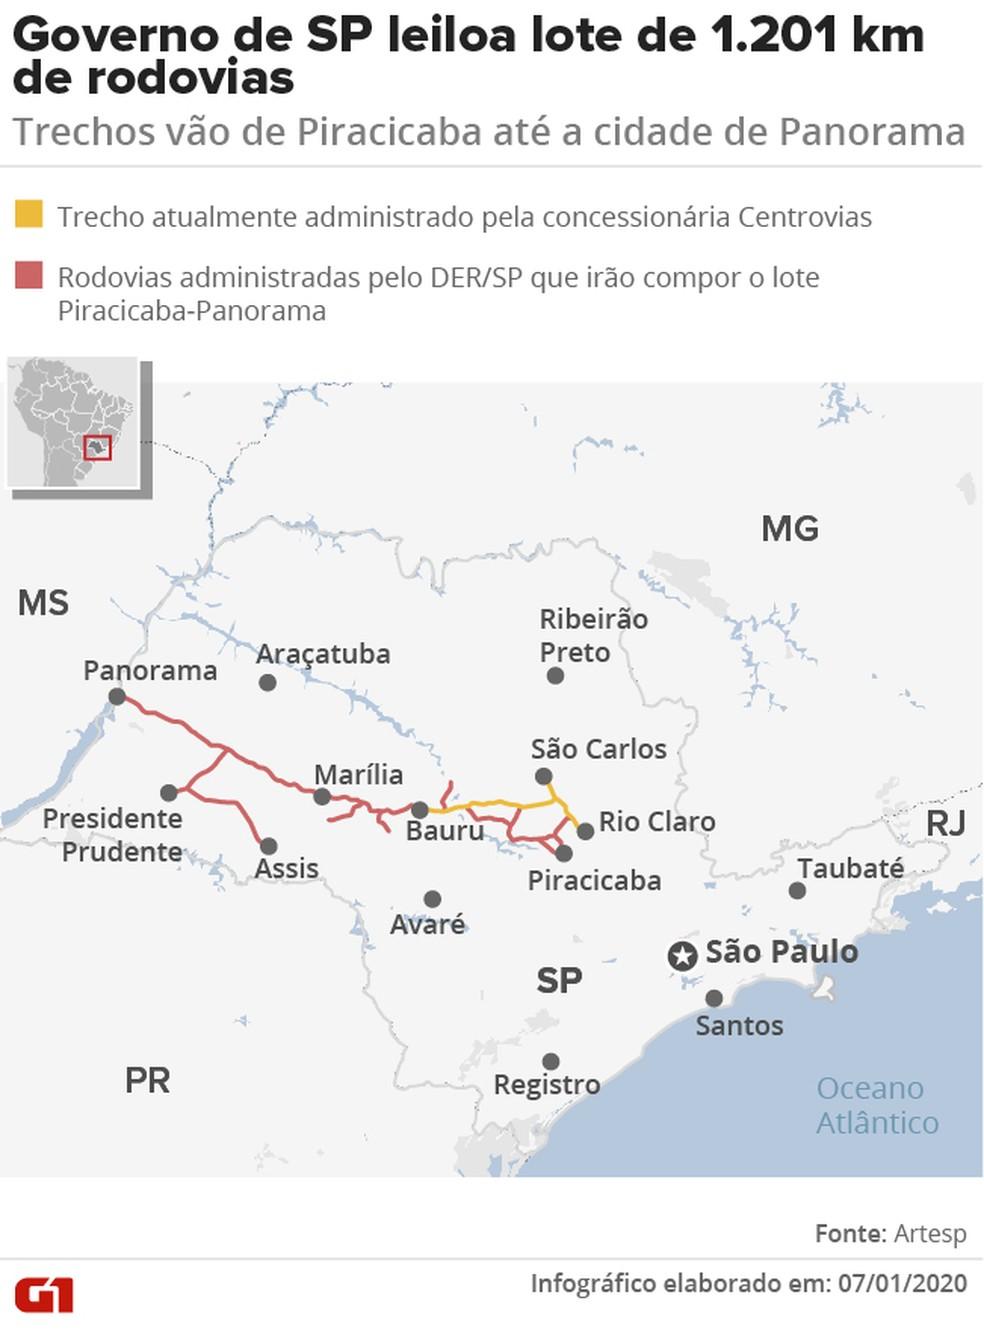 Mapa do pacote de concessão de rodovias Piracicaba-Panorama — Foto: Arte / G1